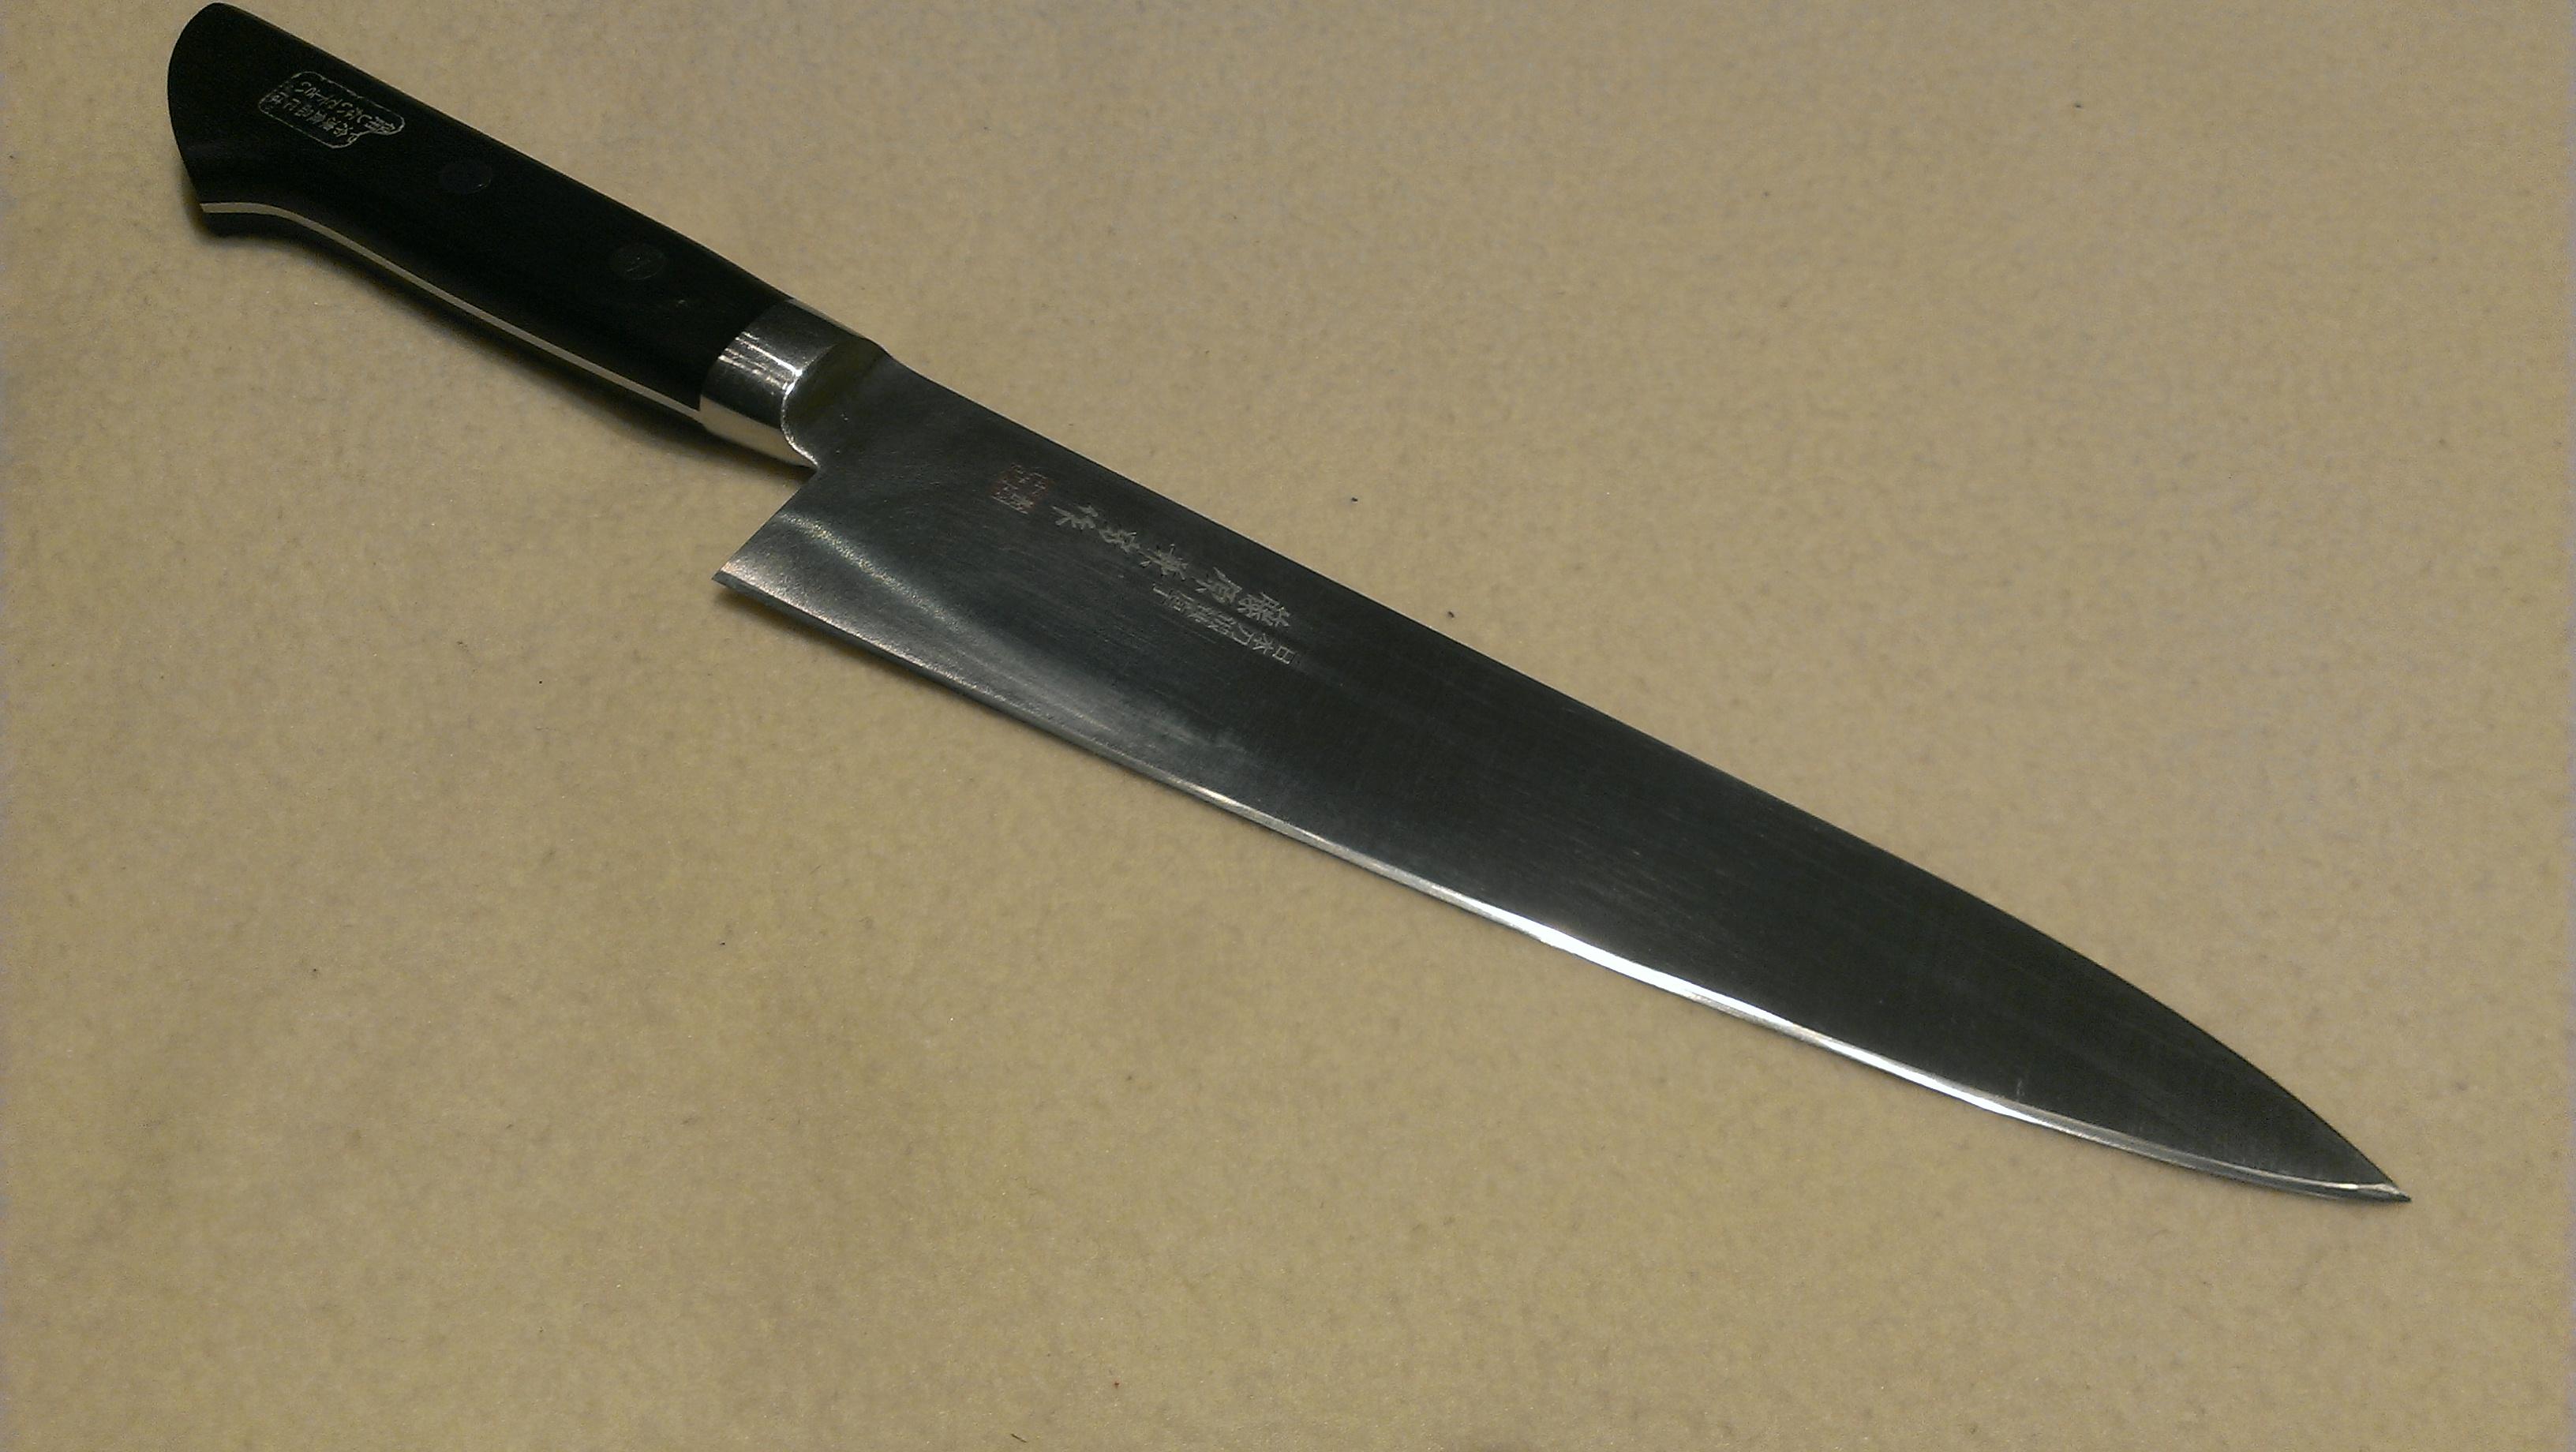 Scharfe Messer | Look Alive Contest